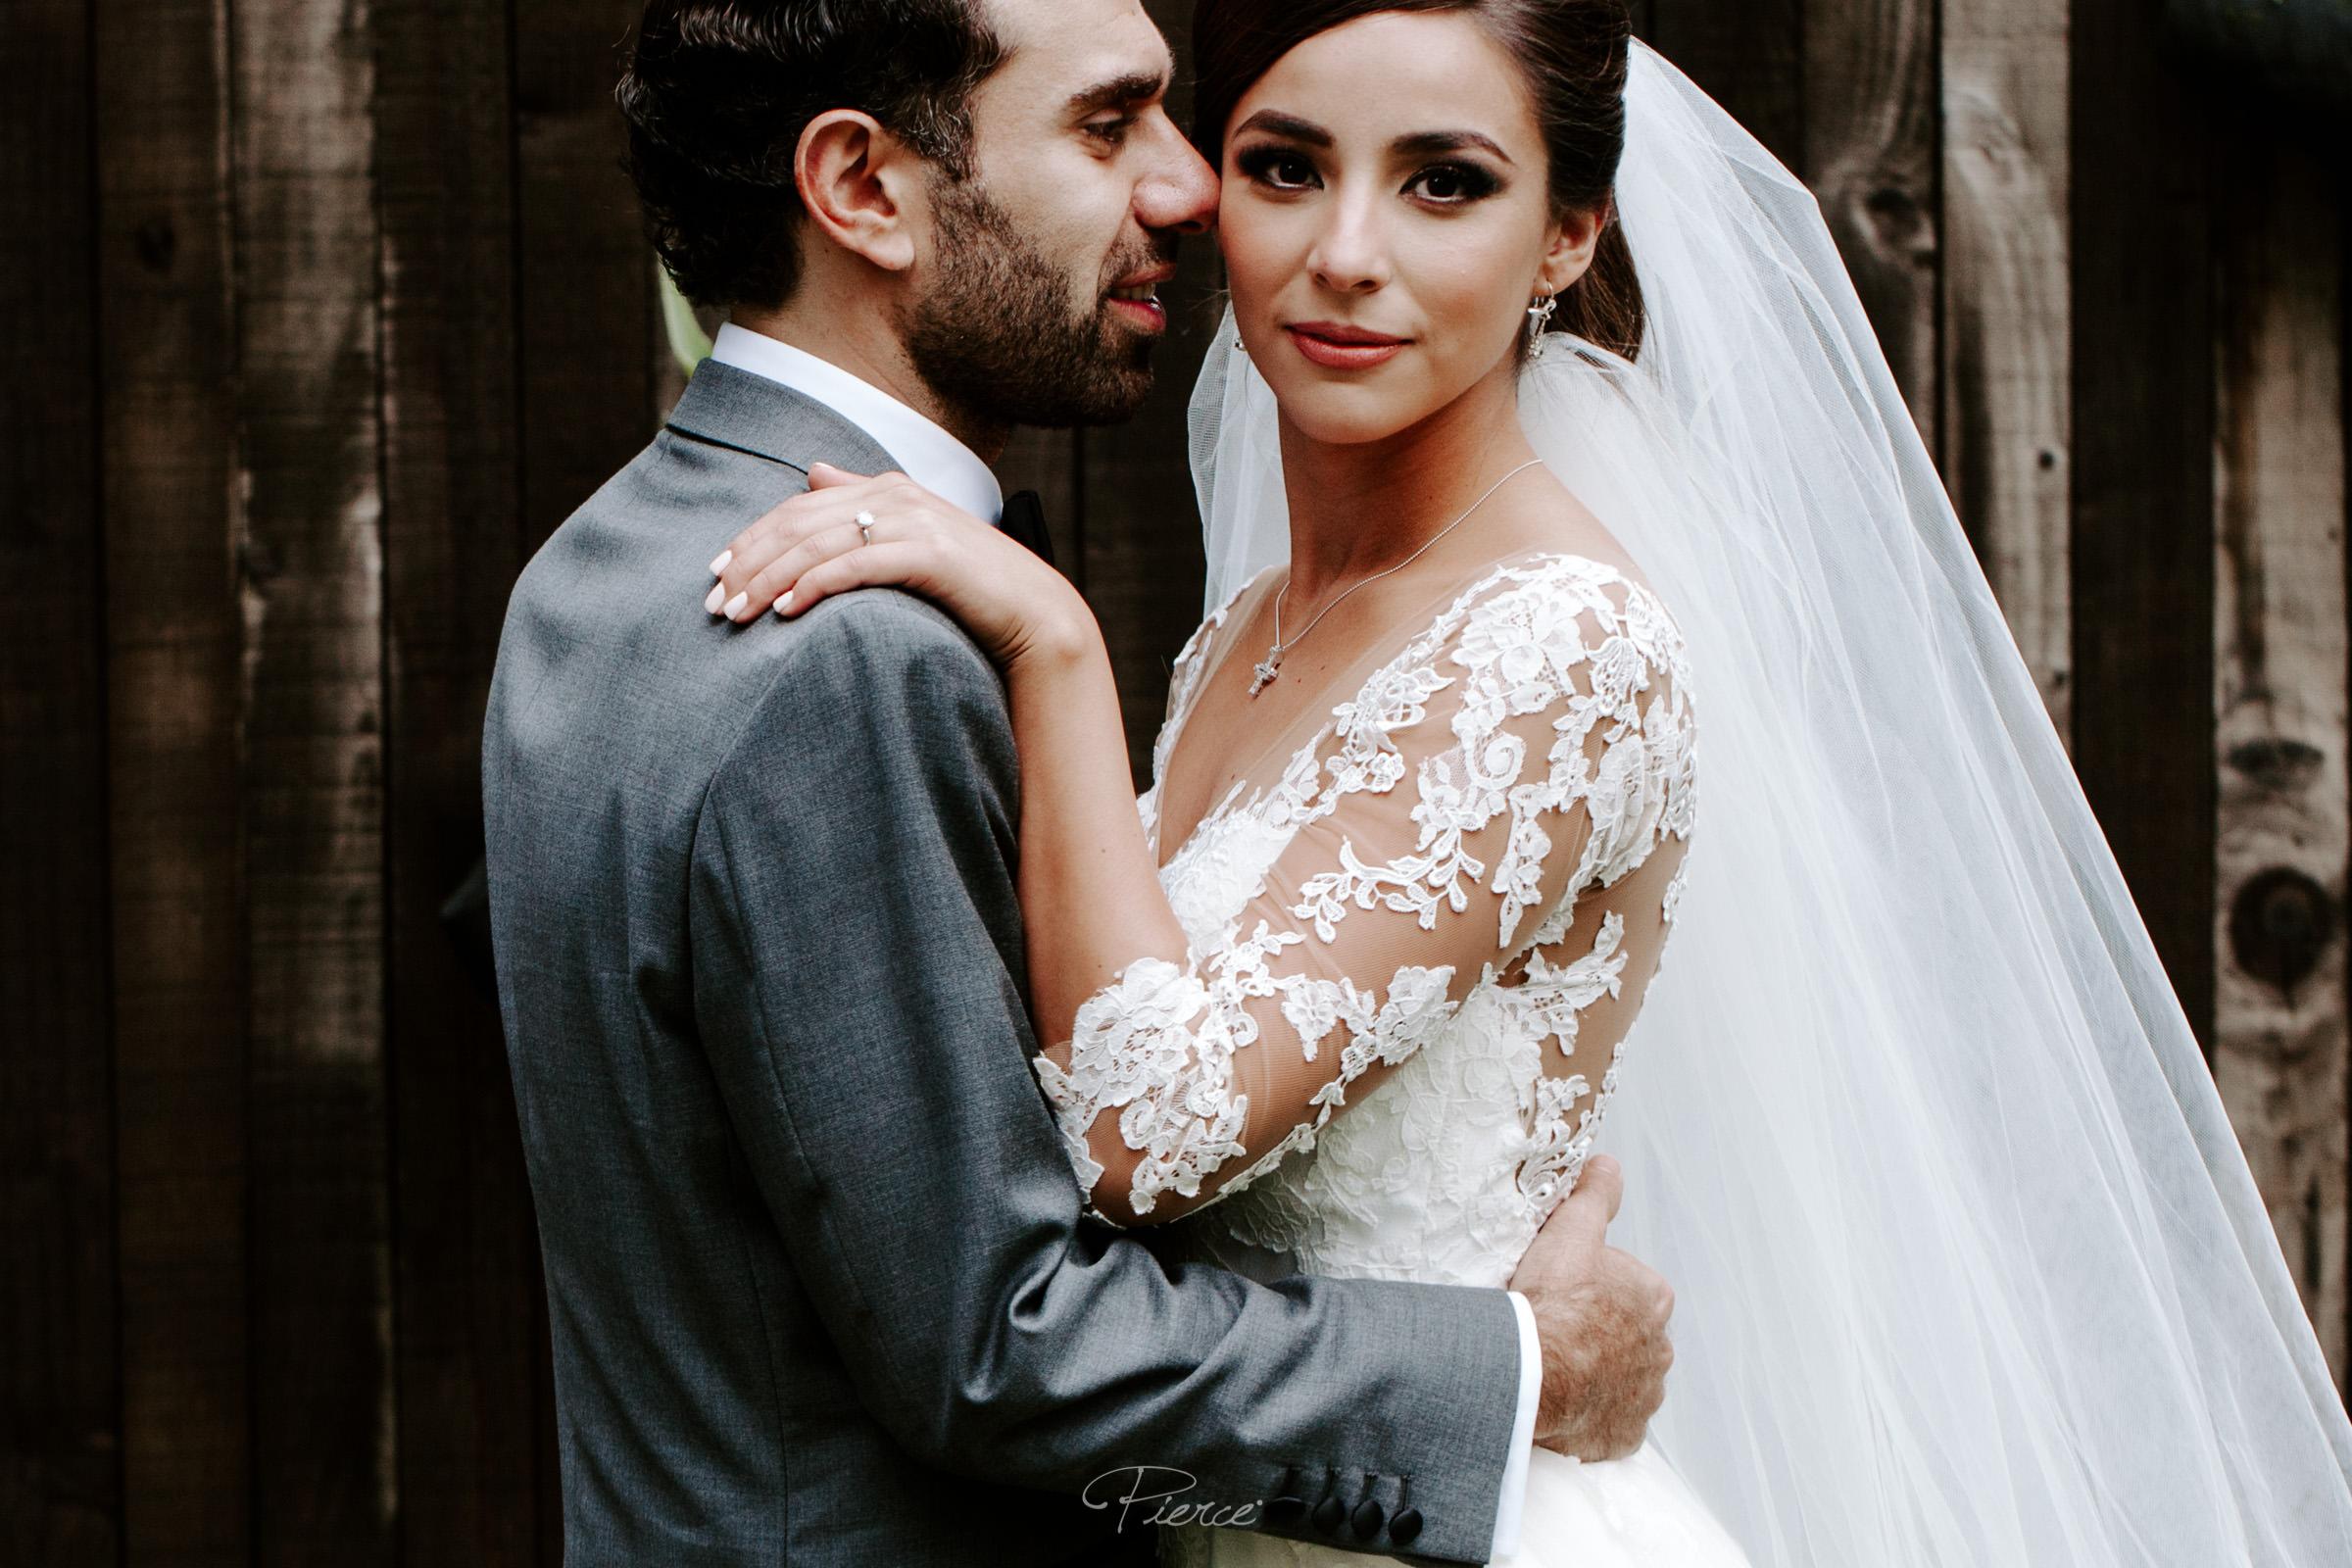 fotografia-de-boda-valle-de-bravo-mexico-rosmarino-pierce-weddings-0050.JPG